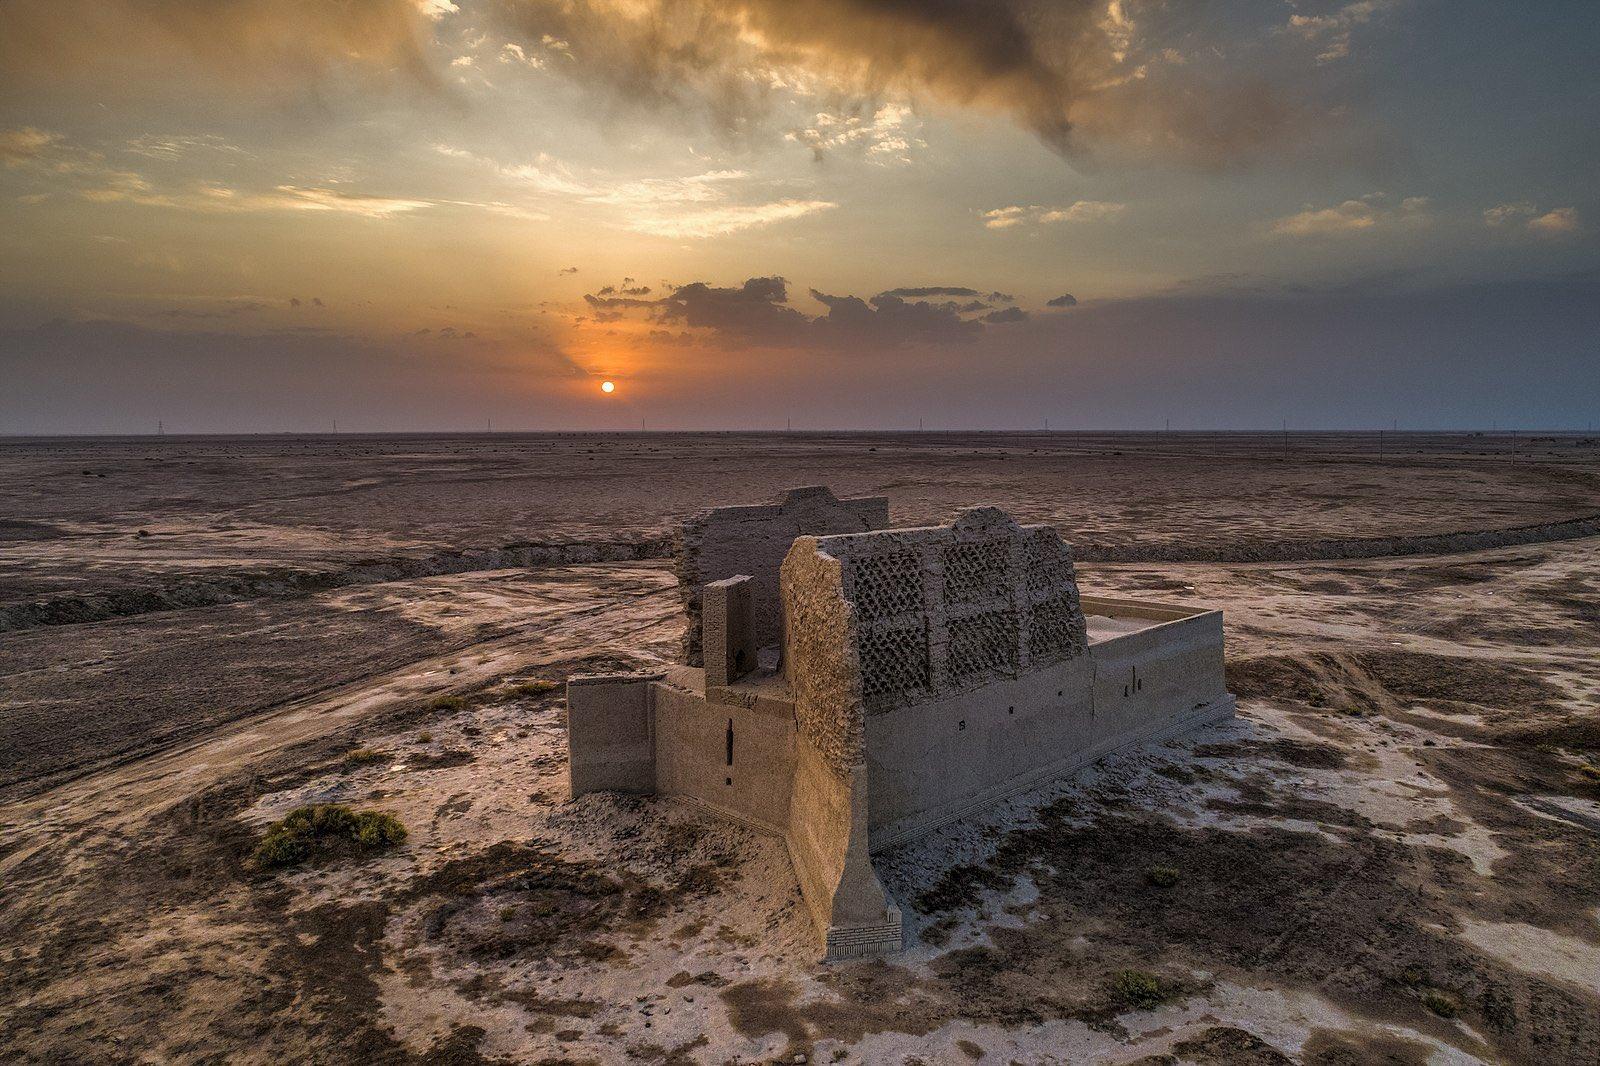 نمایی از آسیاب بادی در سیستان و بلوچستان + عکس